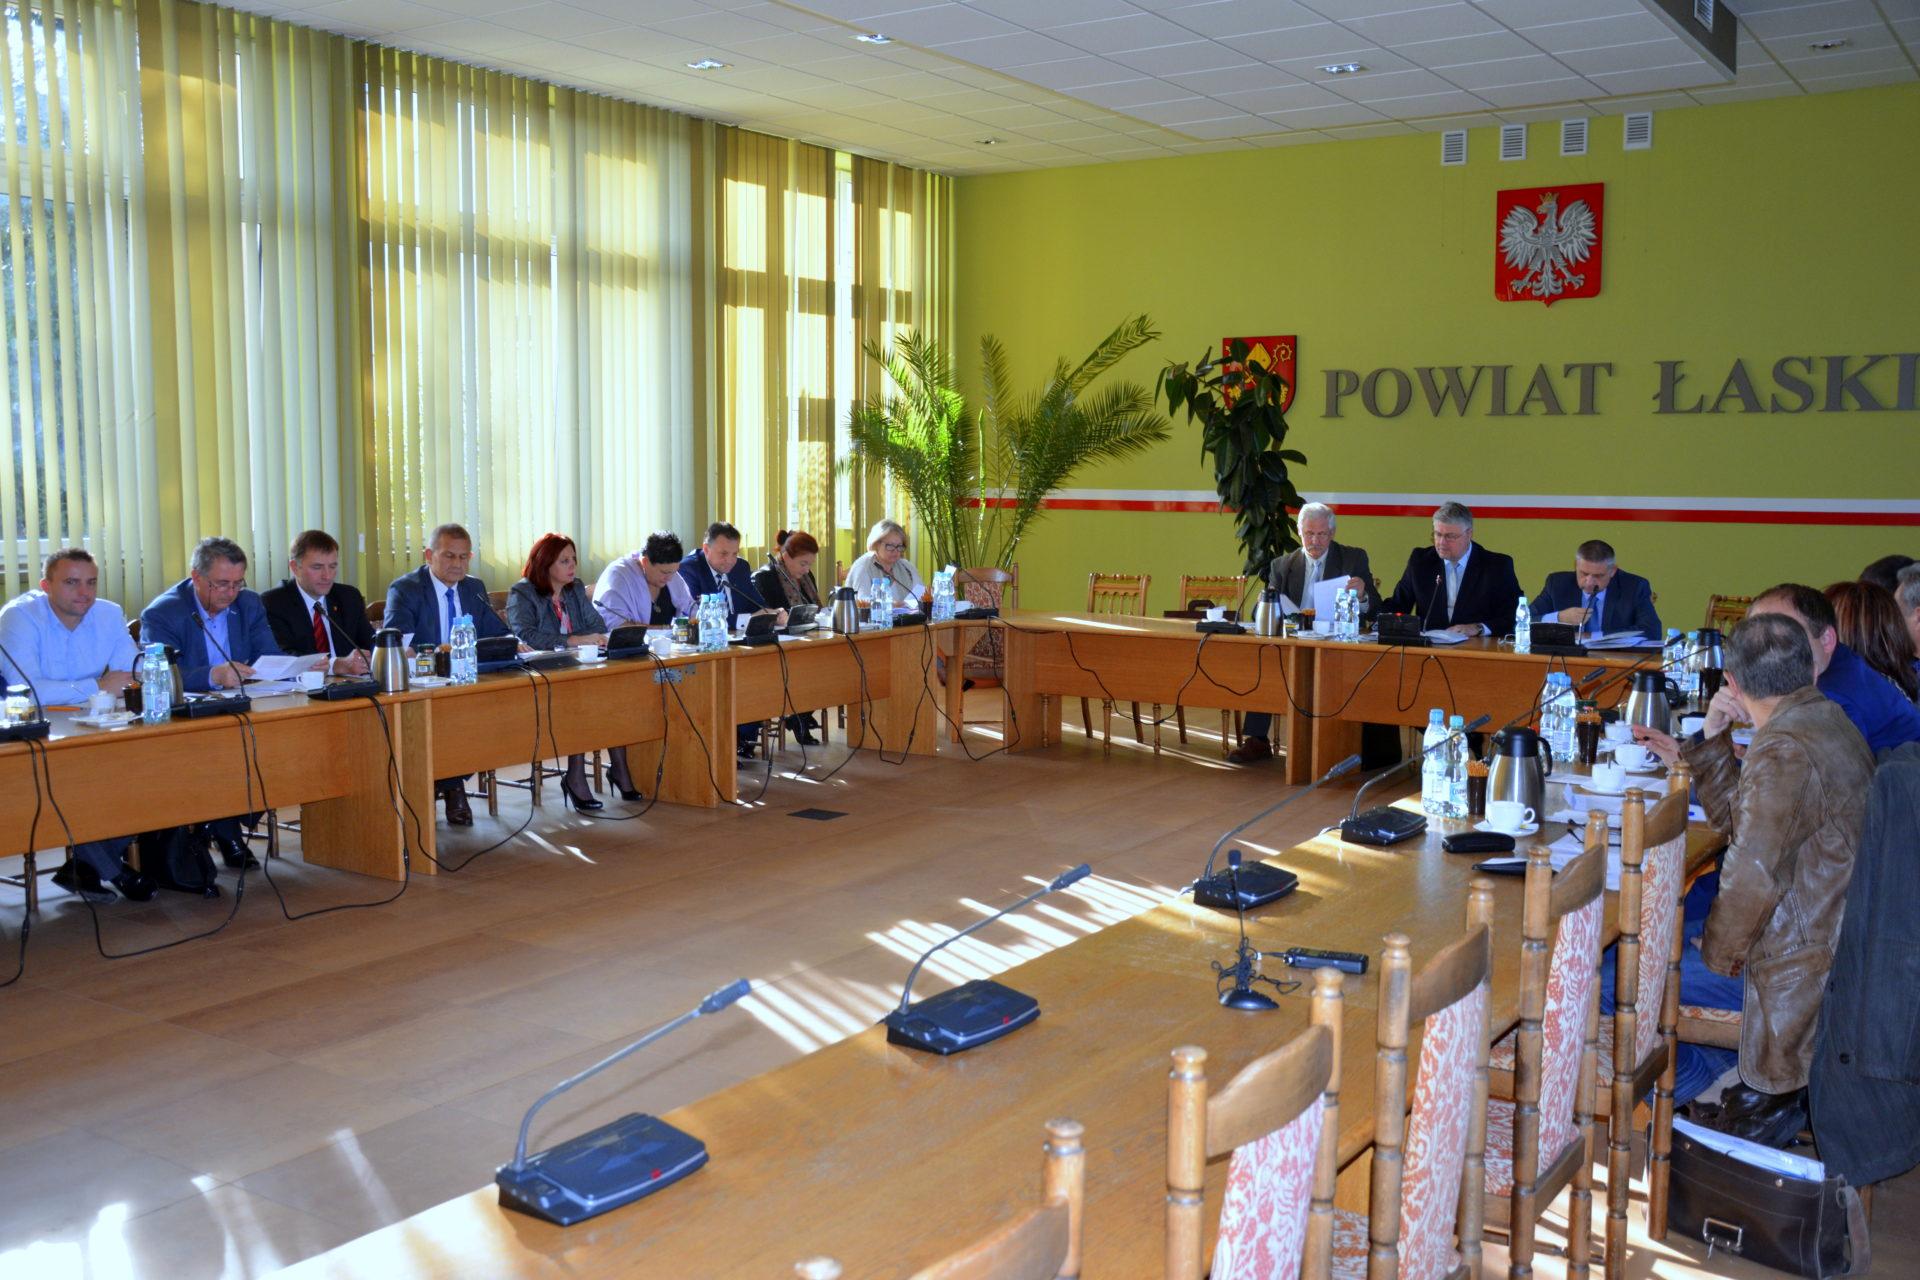 XV sesja Rady Powiatu Łaskiego